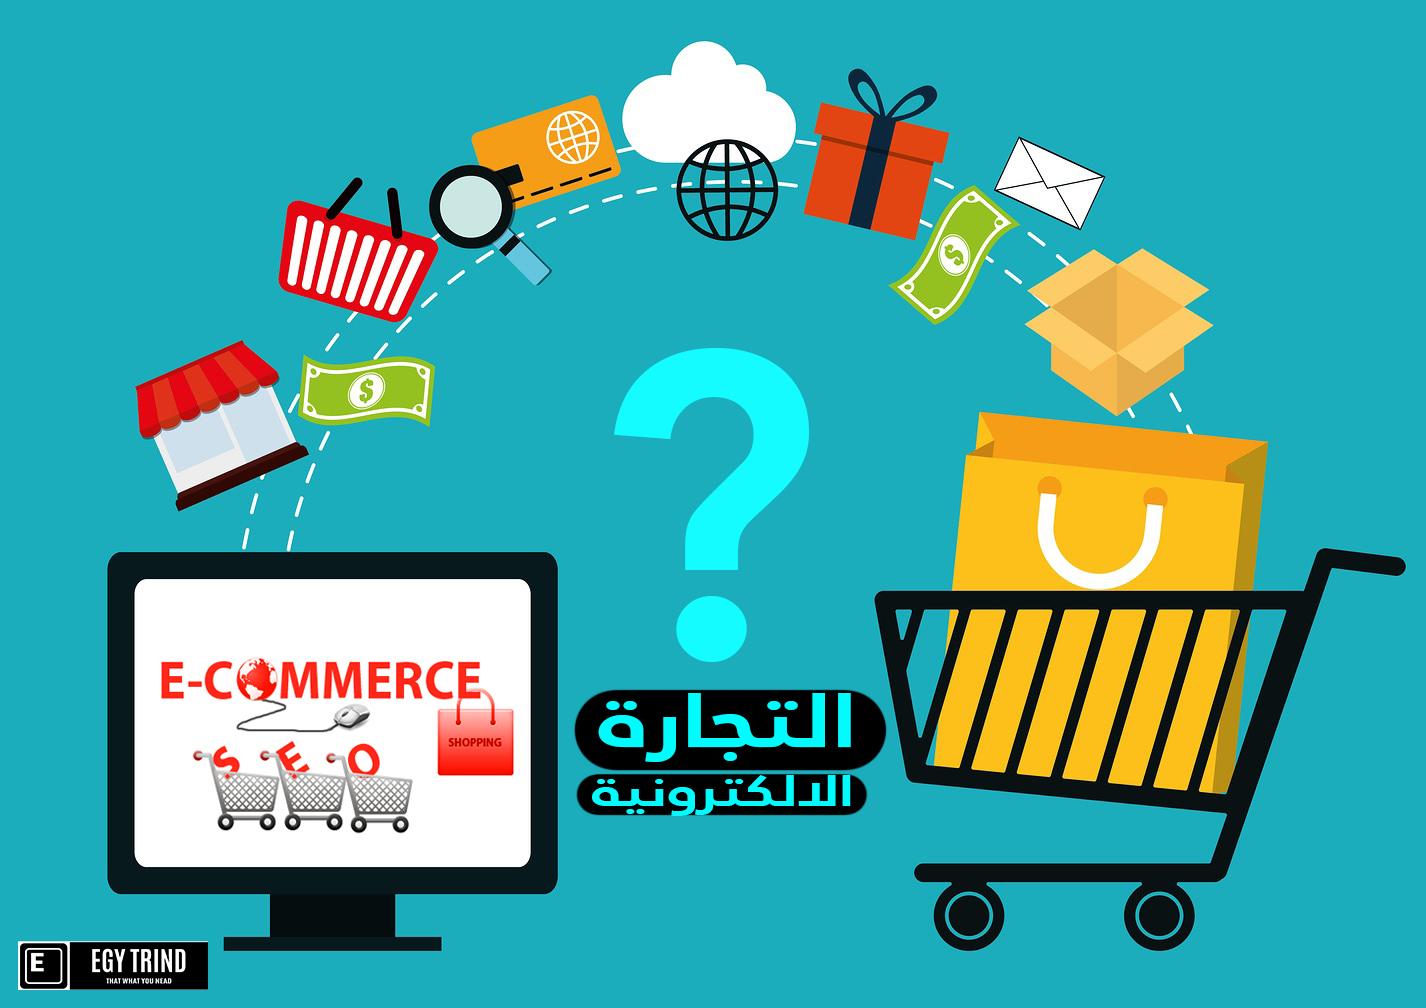 التجارة الالكترونية: كيف تبدأ البيع اونلاين دون امتلاك منتجات